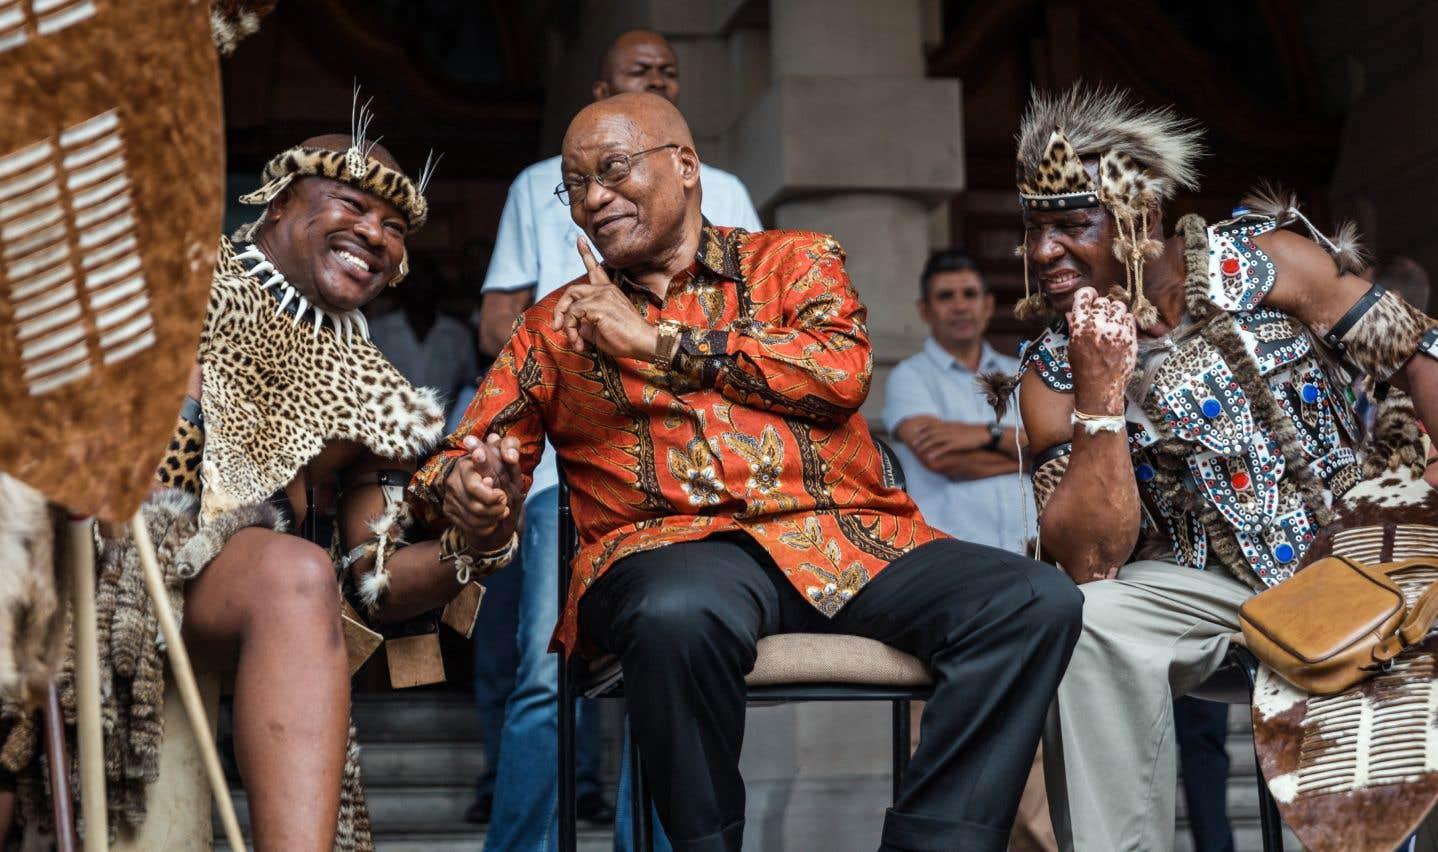 La présidence de Zuma ne tient plus qu'à un fil